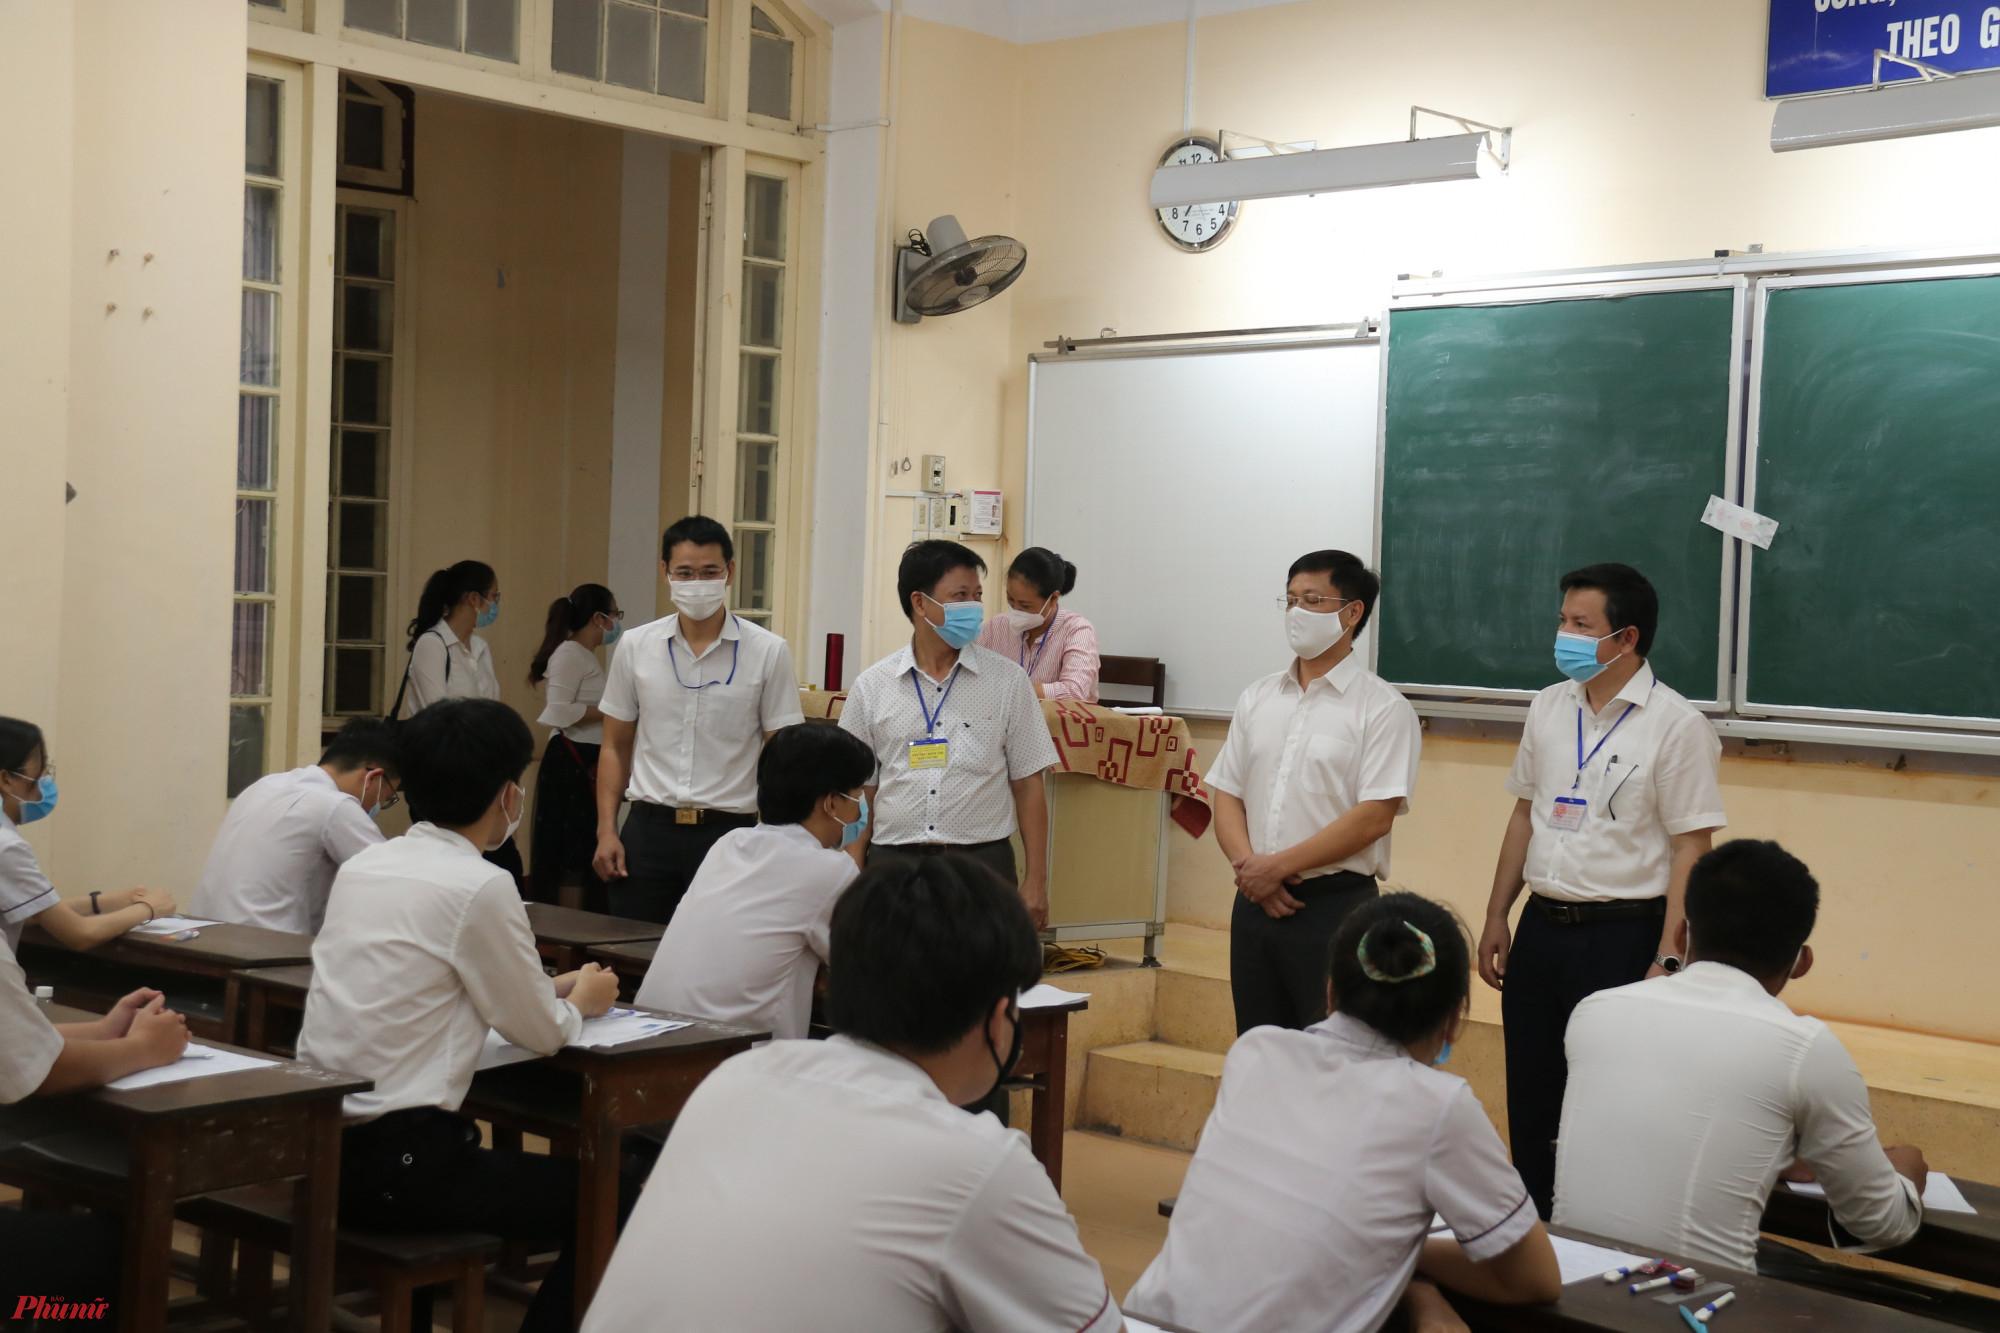 Ông Nguyễn Tân, Giám đốc Sở GD&ĐT Thừa Thiên - Huế cùng lãnh đạo tỉnh này kiếm tra công tác thi tại trường THPT chuyên Quốc học Huế